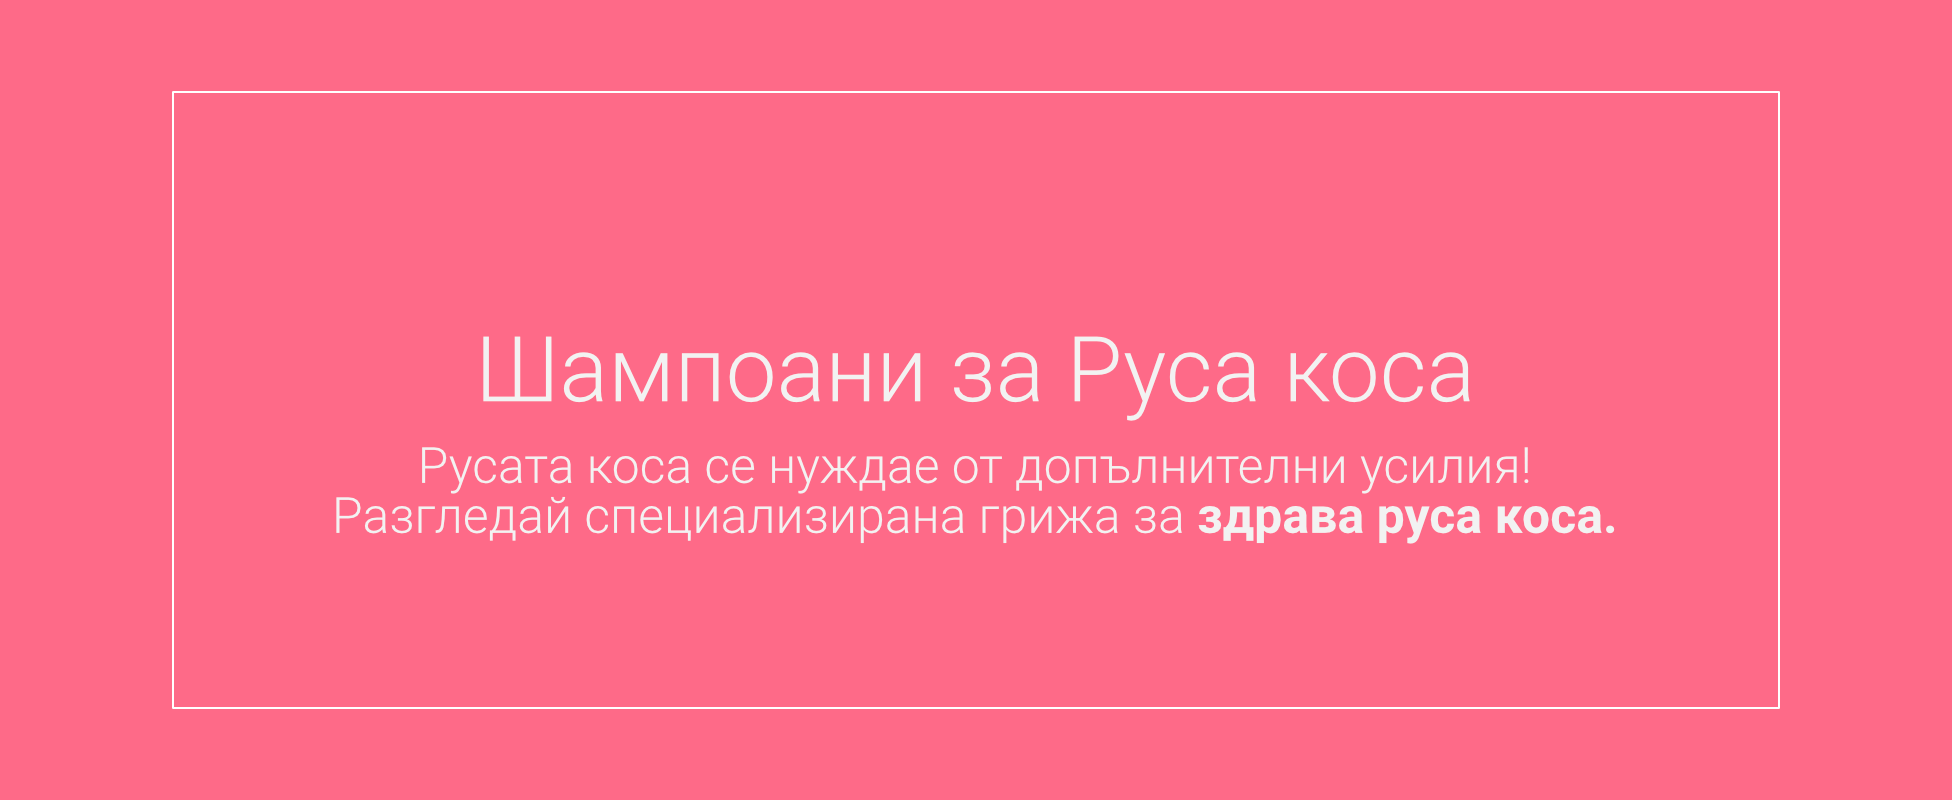 shampoani-za-rusa-kosa